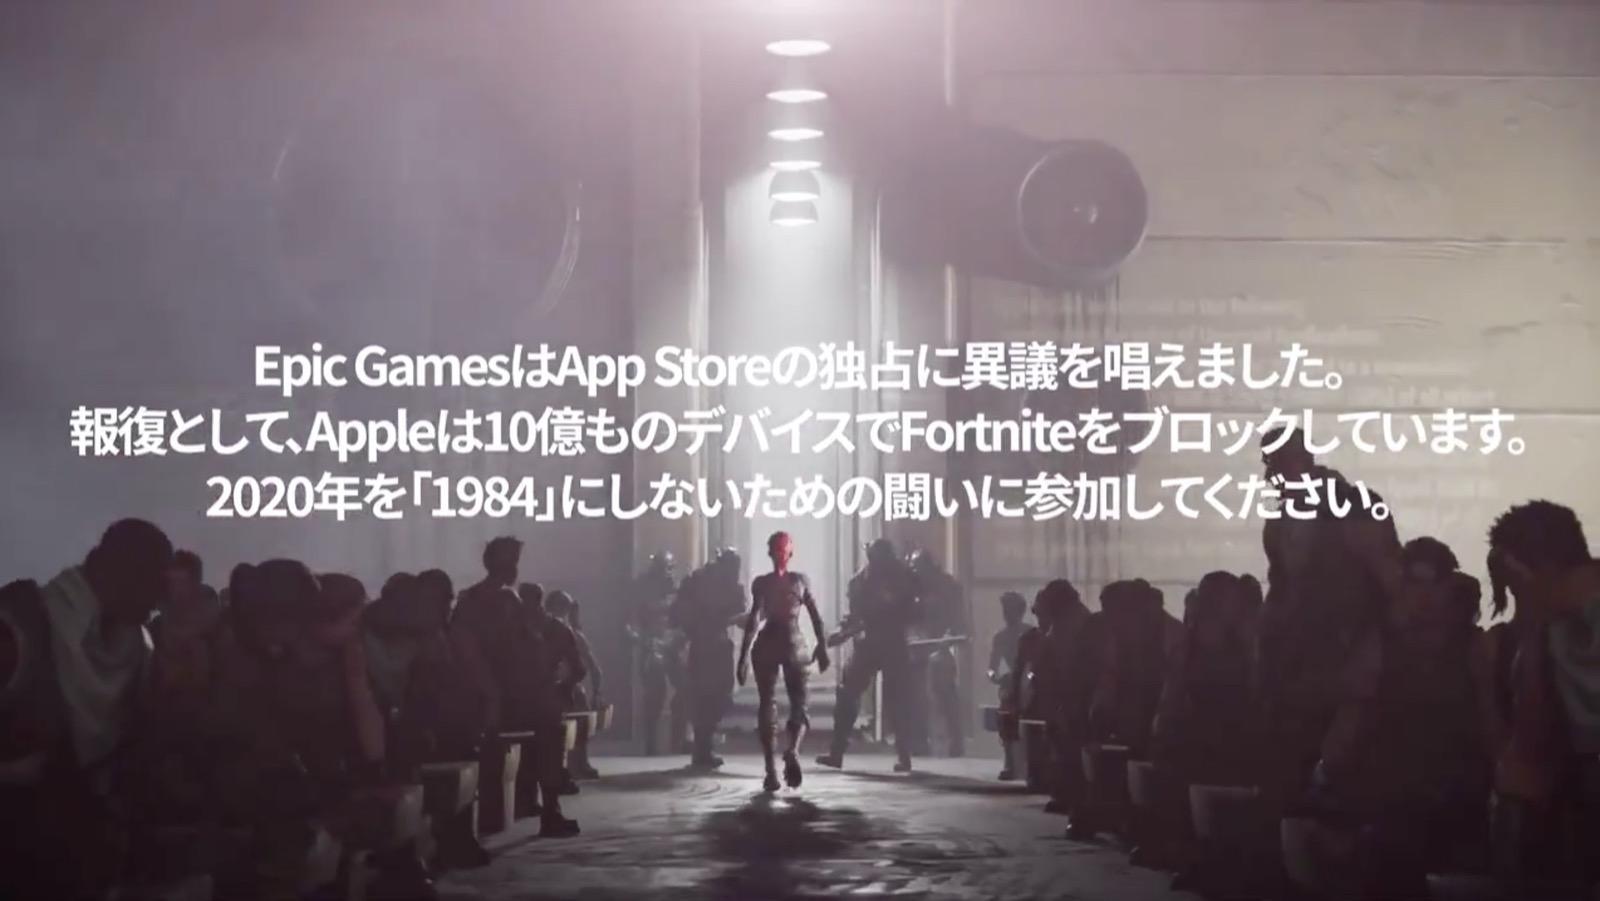 フォートナイト、App Storeから削除。Apple税回避で